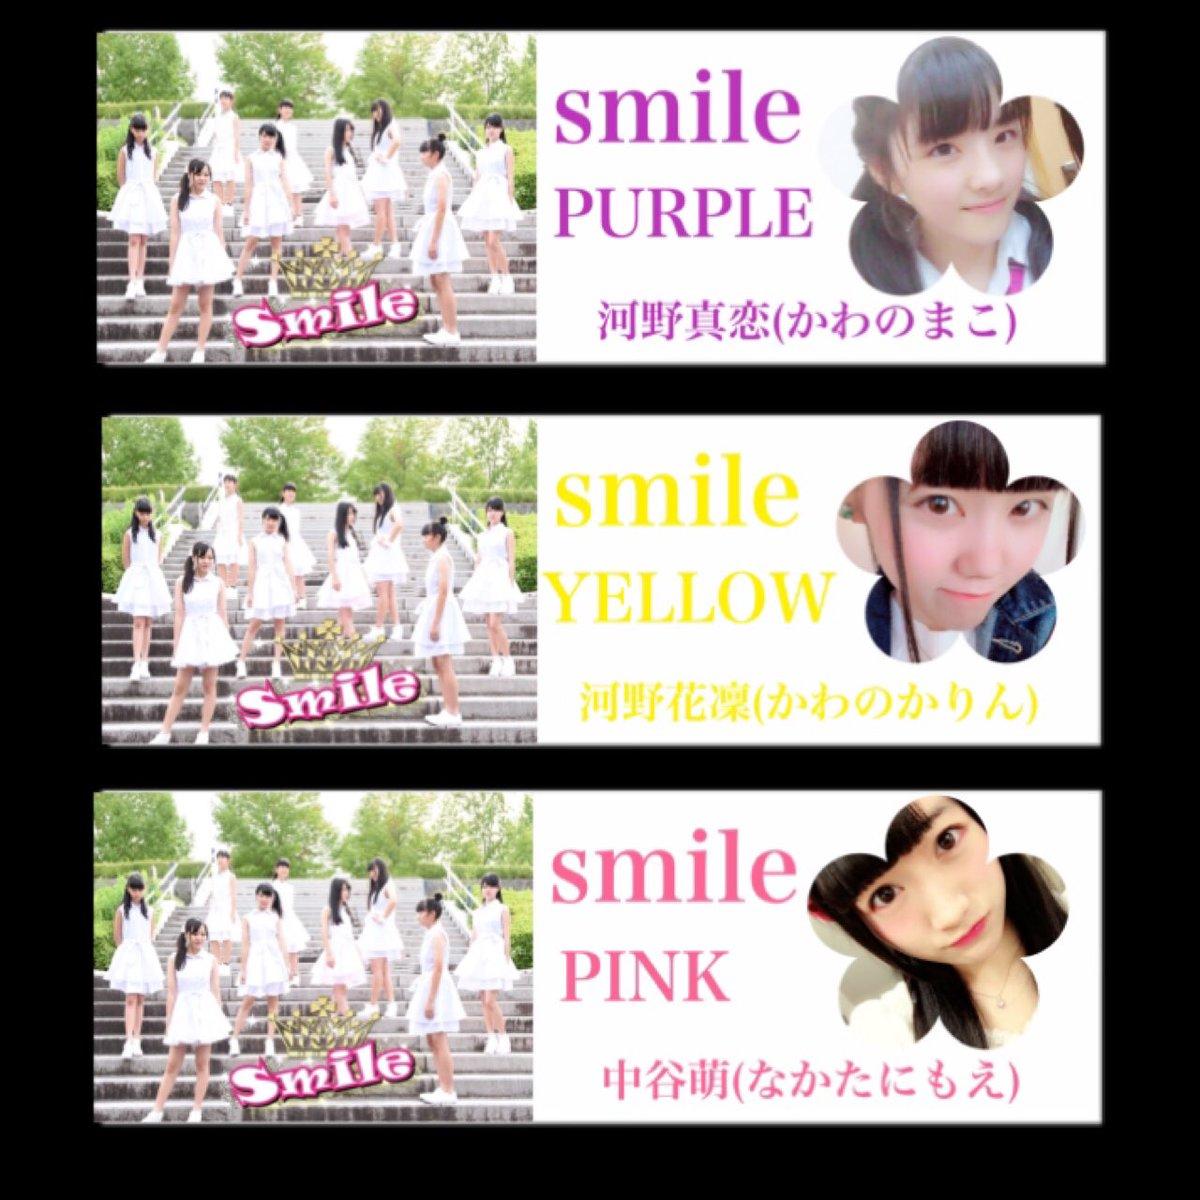 1枚目 @Smile_mako210 1期生💜 @Smile_karin1226 1期生💛 @Smile_moe1001 2期生💓 2枚目 @Smile_nanako86 2期生💚 @Smile_nana_0103 2期生🔷 @smileshiho_1017 2.5期生💙 3枚目 @Smile_saya1017 2.5期生🧡 @Smile_yuina1122 2.5期生💠 @Smile_ami1116 3期生♡ #リツイートで私たち有名にしてください